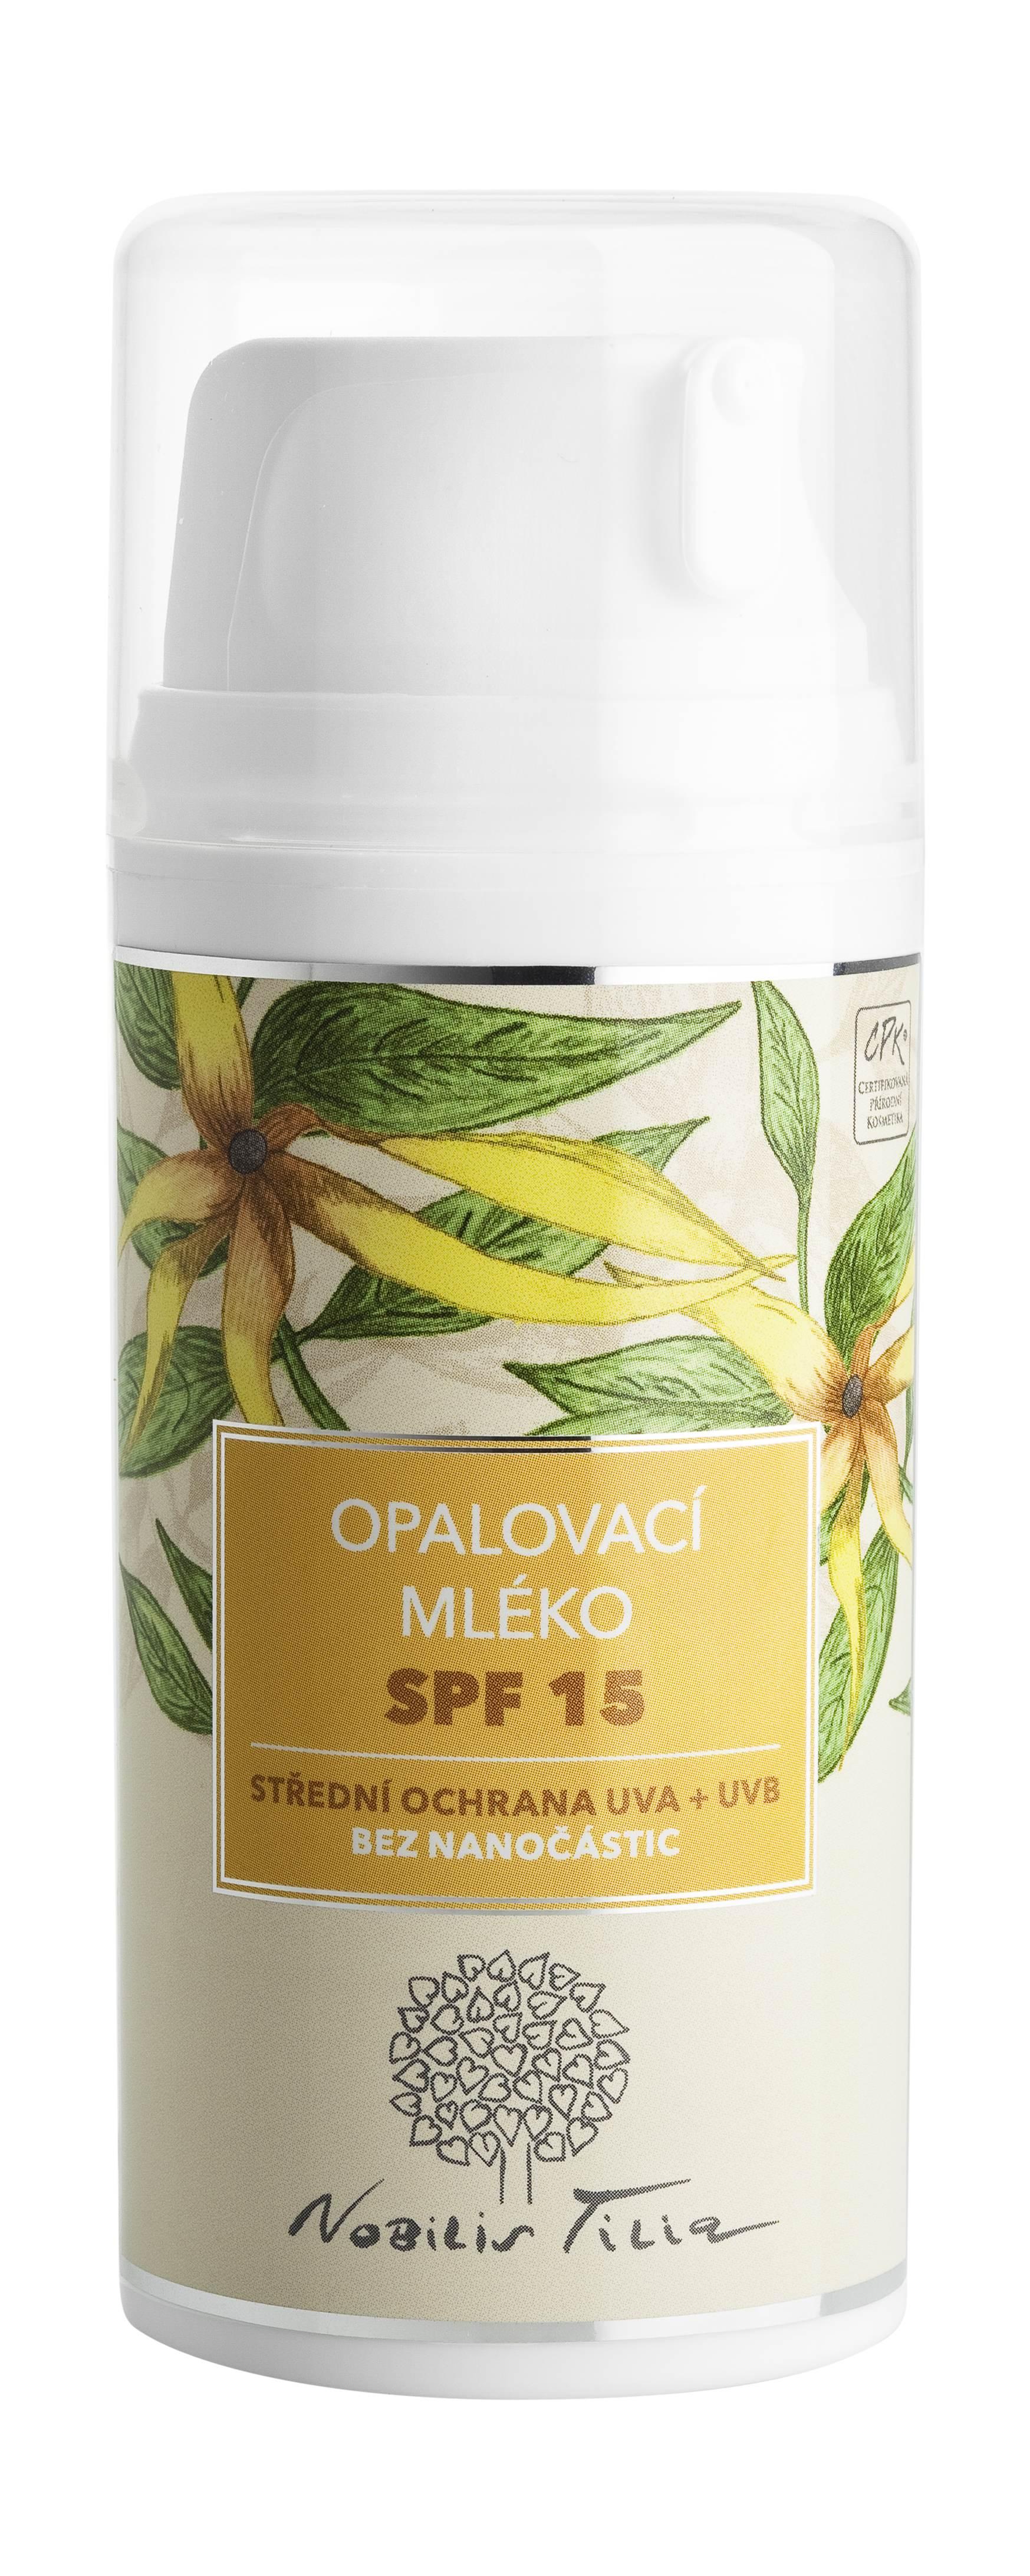 Nobilis Tilia - Opalovací mléko SPF 15, 100 ml